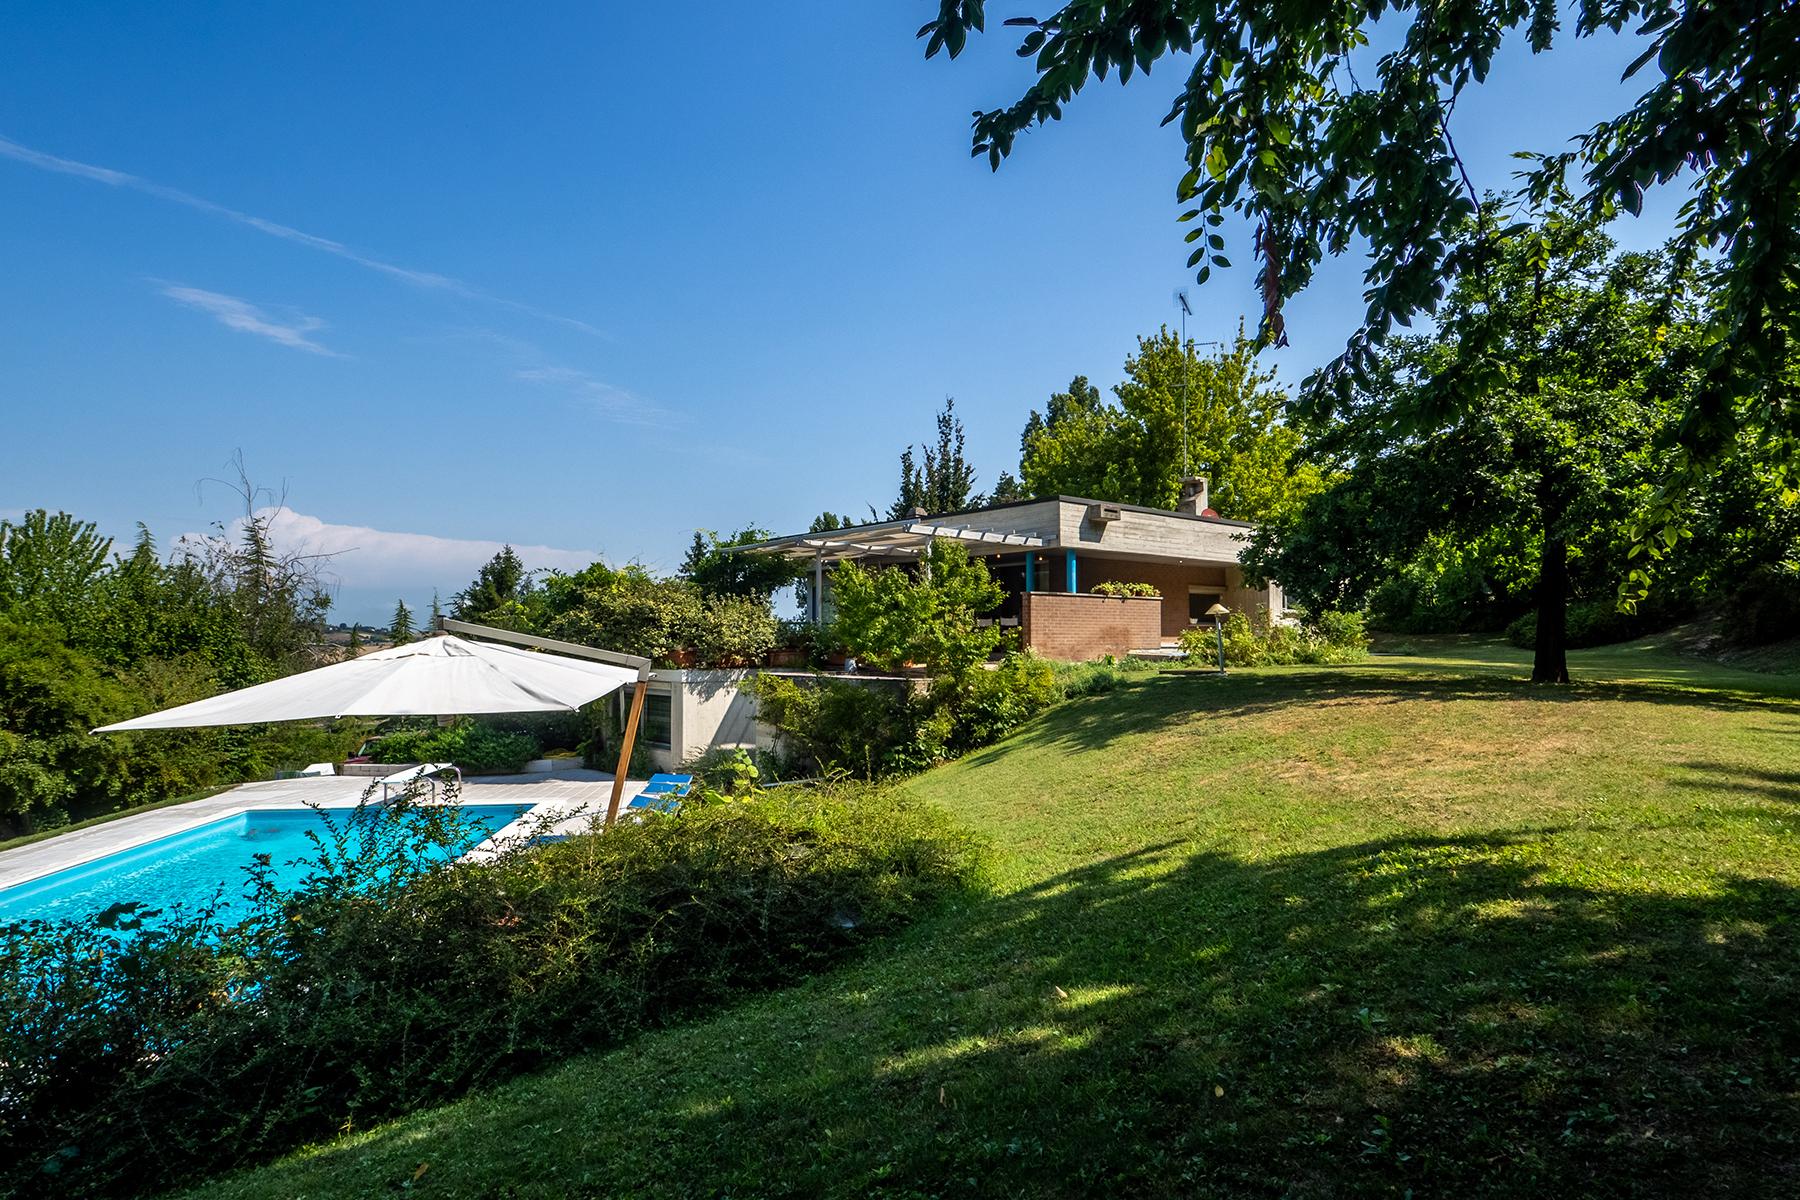 Casa indipendente in Vendita a Rosignano Monferrato: 5 locali, 290 mq